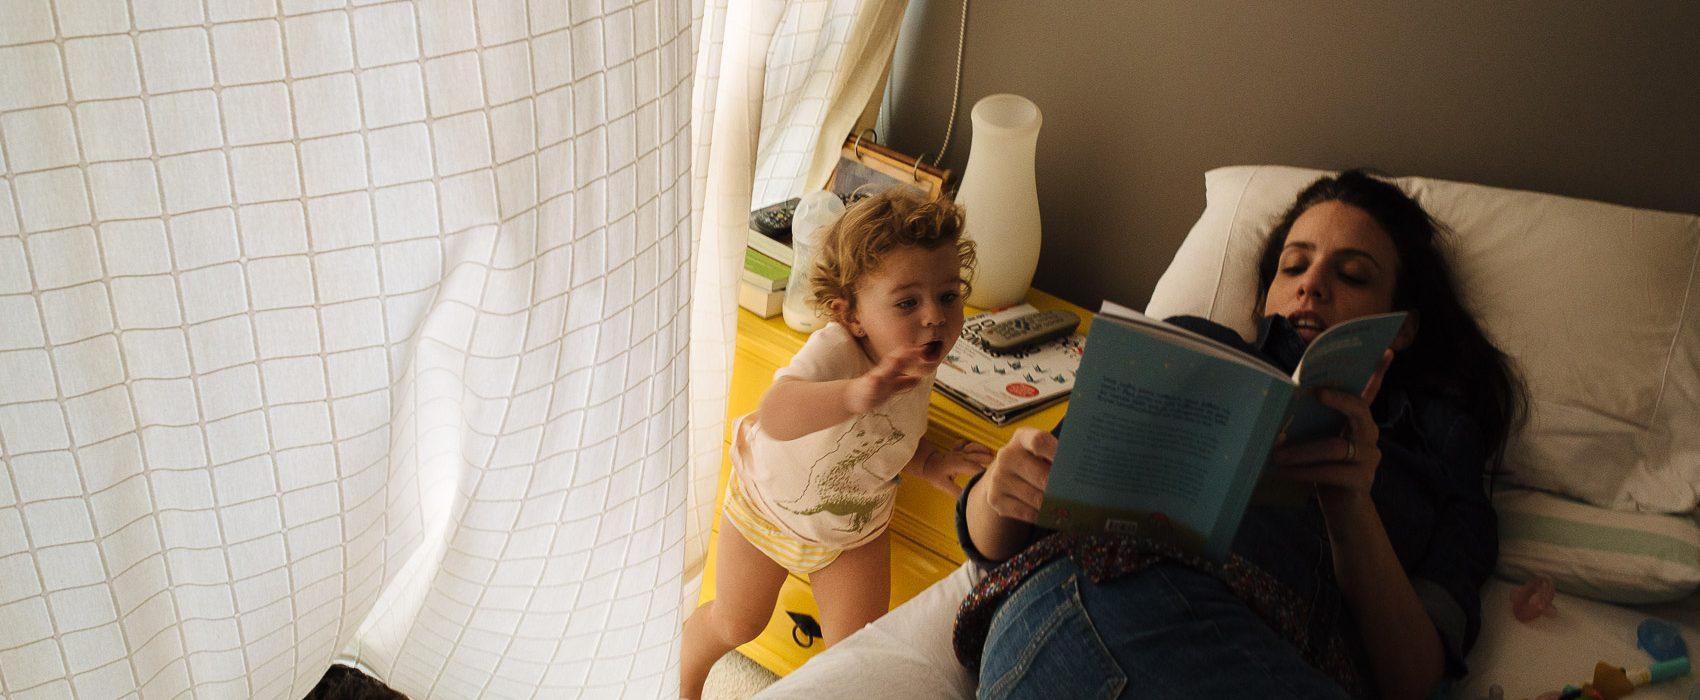 ensaio fotografico de familia documental - Fernanda Petelinkar